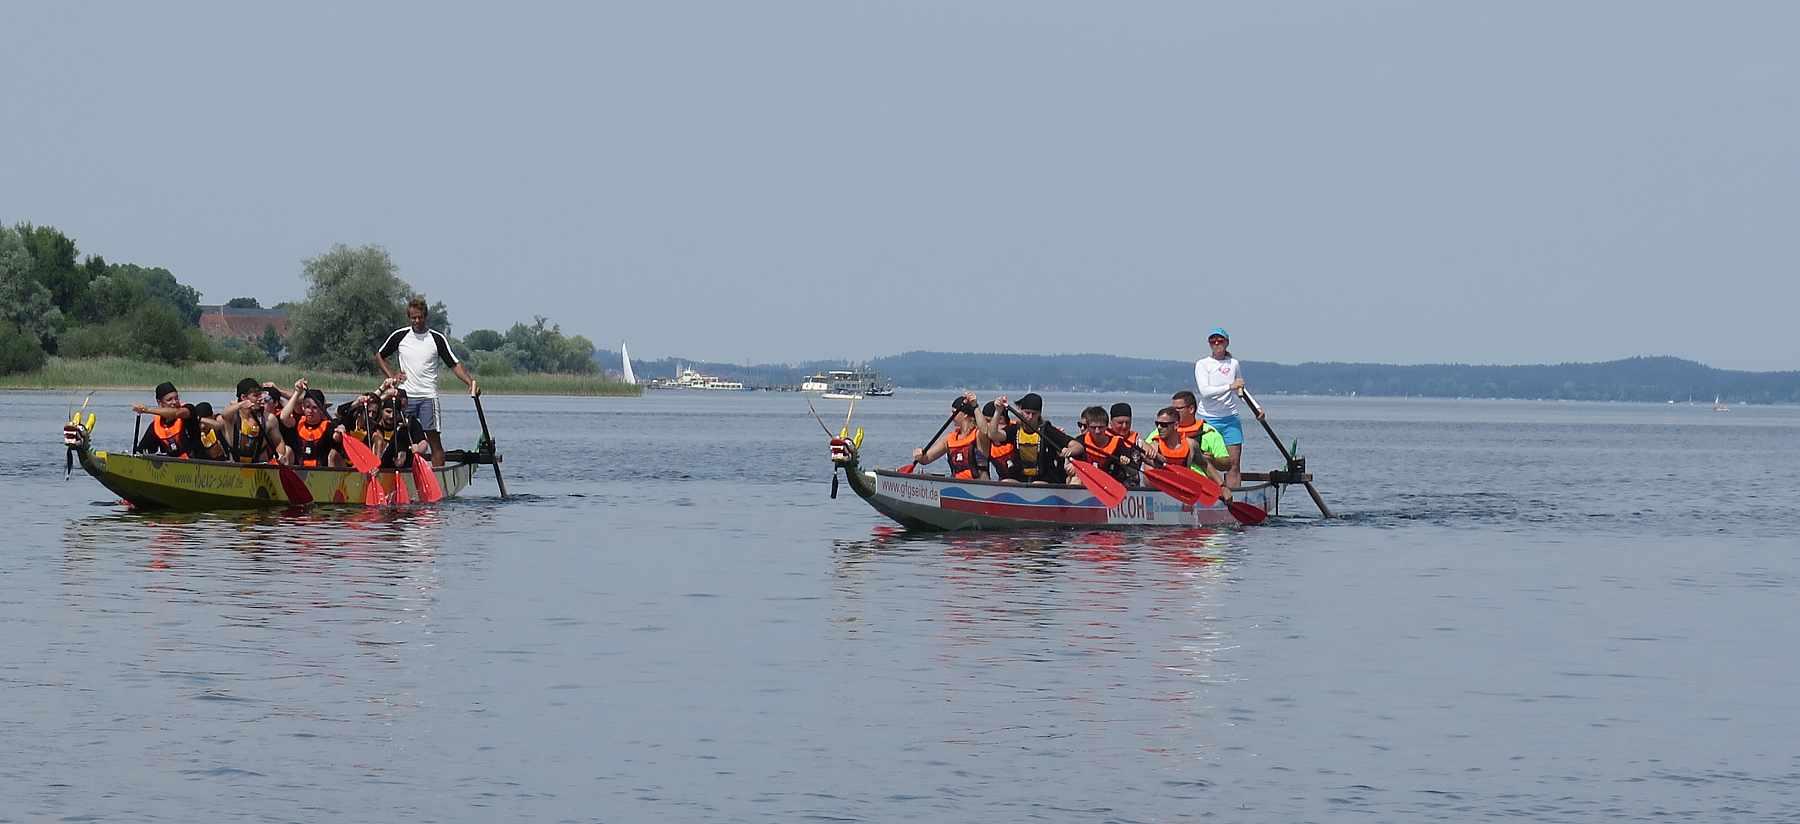 Teamevnets und Betriebsausflug mit dem Drachenboot